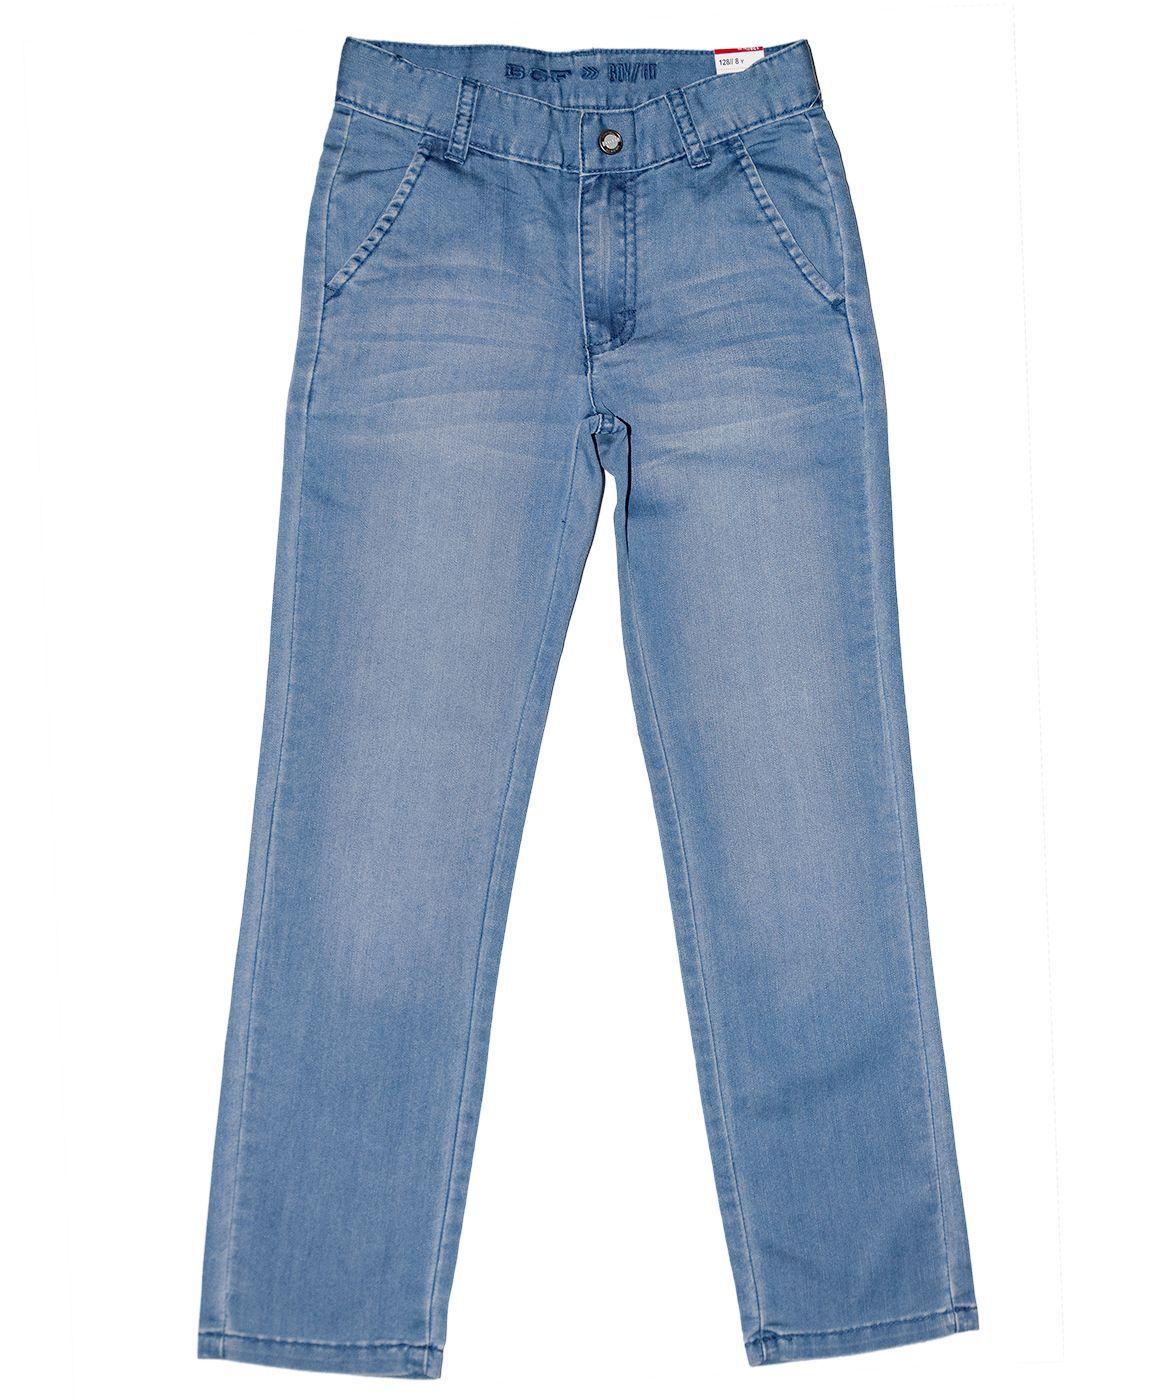 Джинсовые брюки (слаксы) BGF для мальчика 371509/836/275